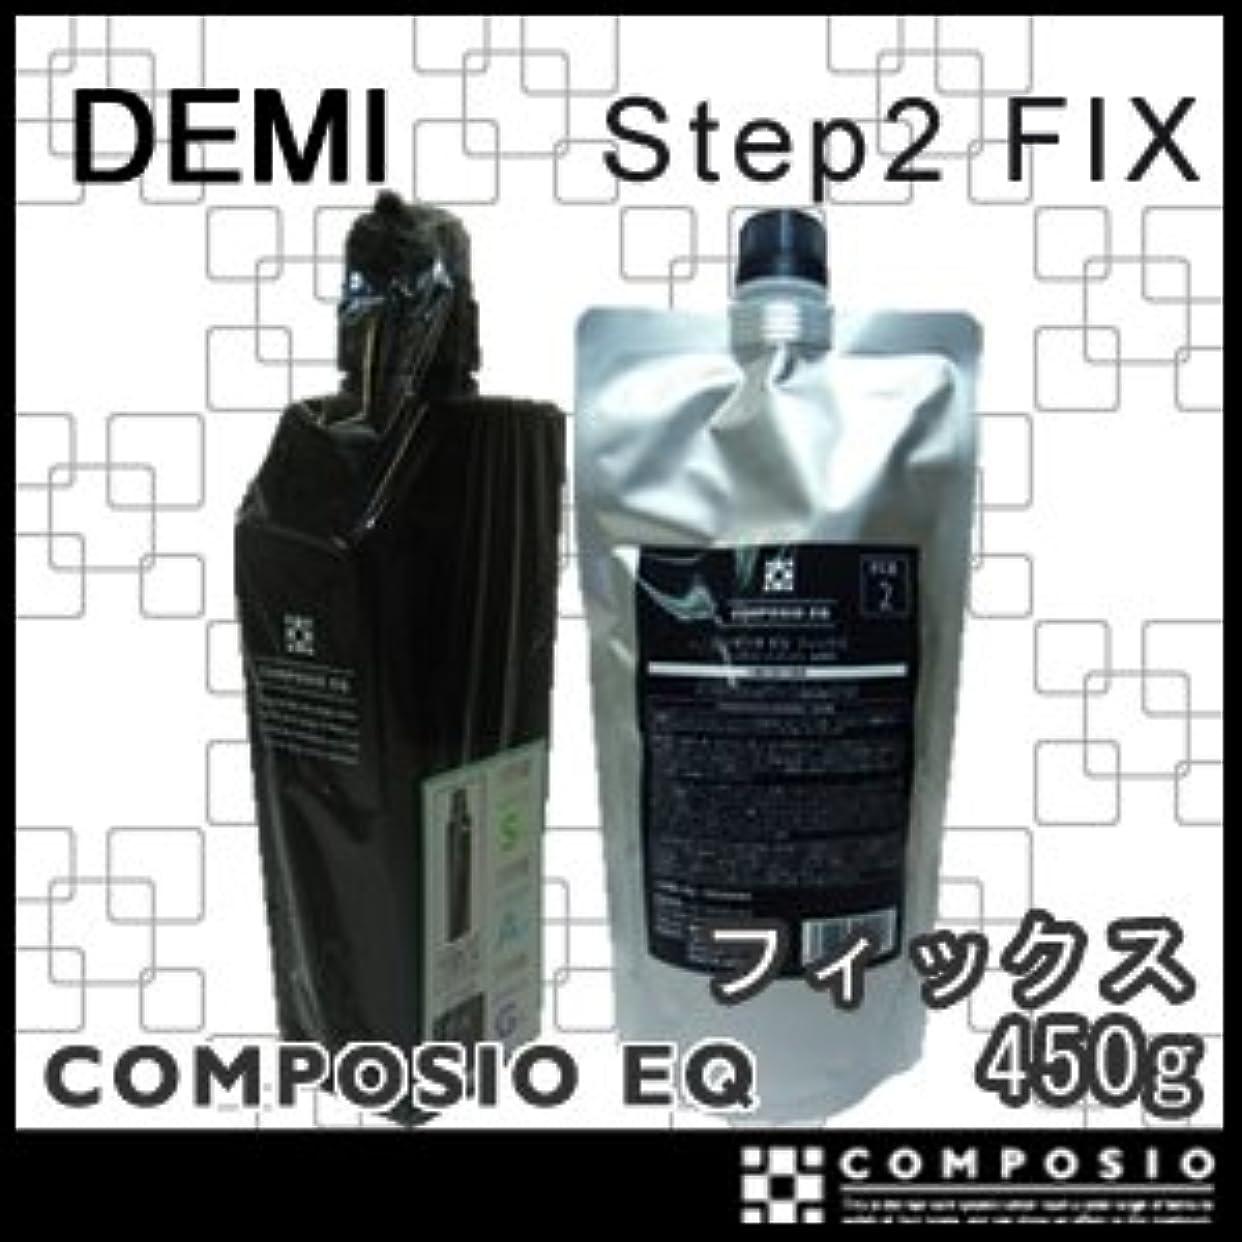 余計なミニやりがいのあるデミ コンポジオ EQ フィックス 詰替え ボトル付 450g 業務用